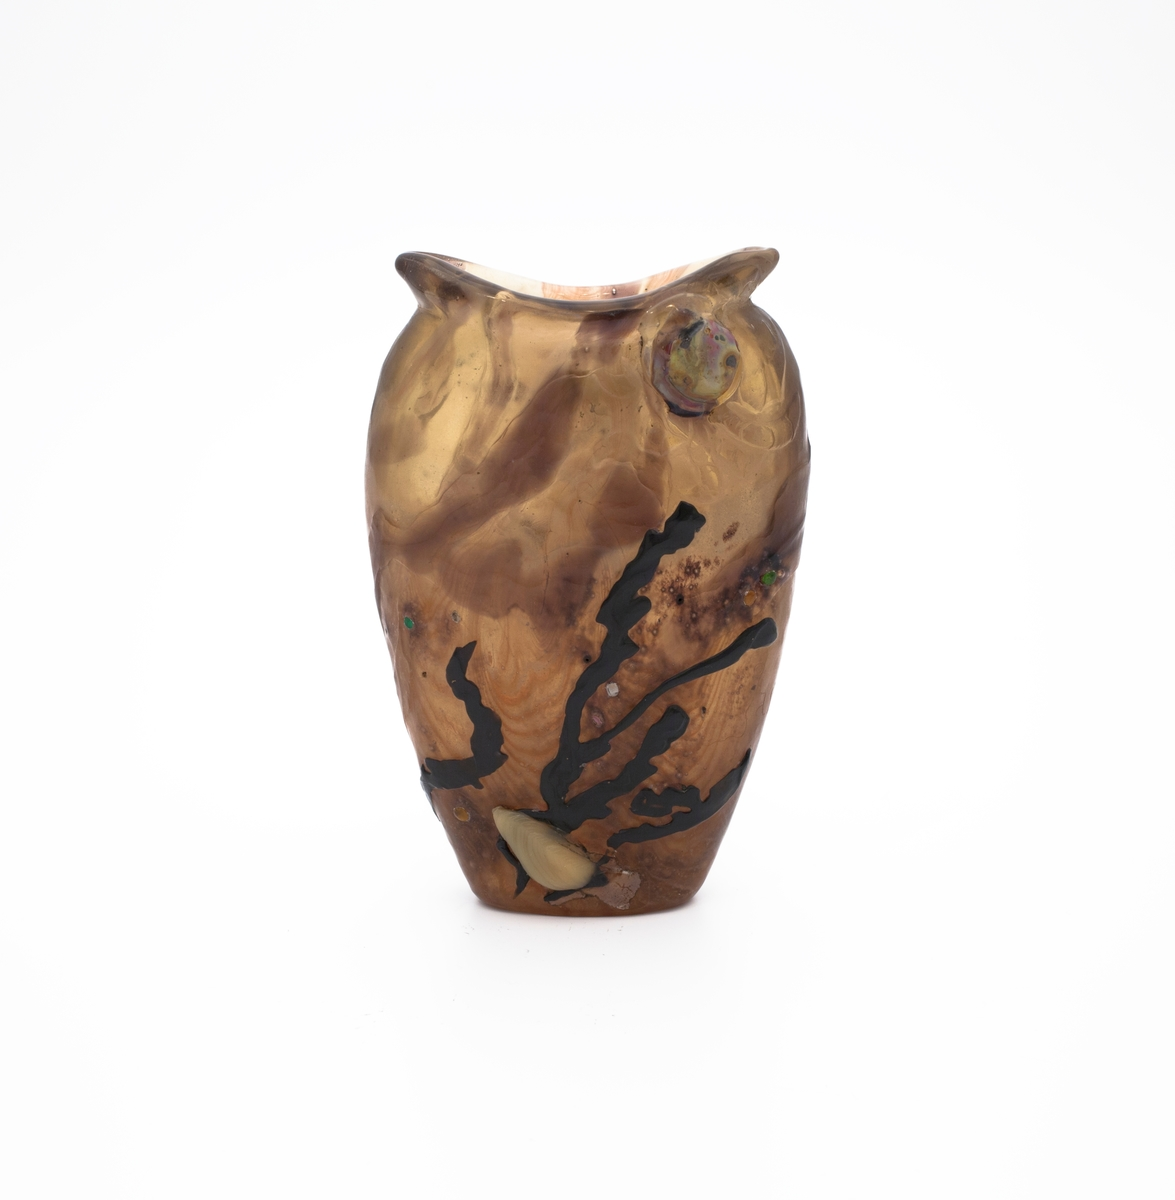 """Vase i overfangglass. Ellipseformet og flattrykket korpus med en meget vid åpning. Formen minner om et gapende fiskehode, hvis øye er plassert på forsiden i form av en mørkerød glasskule. Vasen er støpt, og deretter skåret i overfangsteknikk. Den består av en tykk masse av sammensmeltede glasslag i ulike farger og sjatteringer. Korpus har en røktopaslignende overflate, dekorert med sorte og lilla alger, derav algues (fr. alger). På arbeidet er det inkrusteringer i form av gule og grønne glassperler. Baksiden av vasen er gravert med innskriften """"Gallé Expos.on 1900"""", samt """"et nul vent ne détruit son fragile univers"""" (fr. og ingen vind ødelegger dets skjøre univers),  sistnevnte et sitat fra den belgiske poeten Rodenbachs diktsamling Les vies encloses (1896)."""